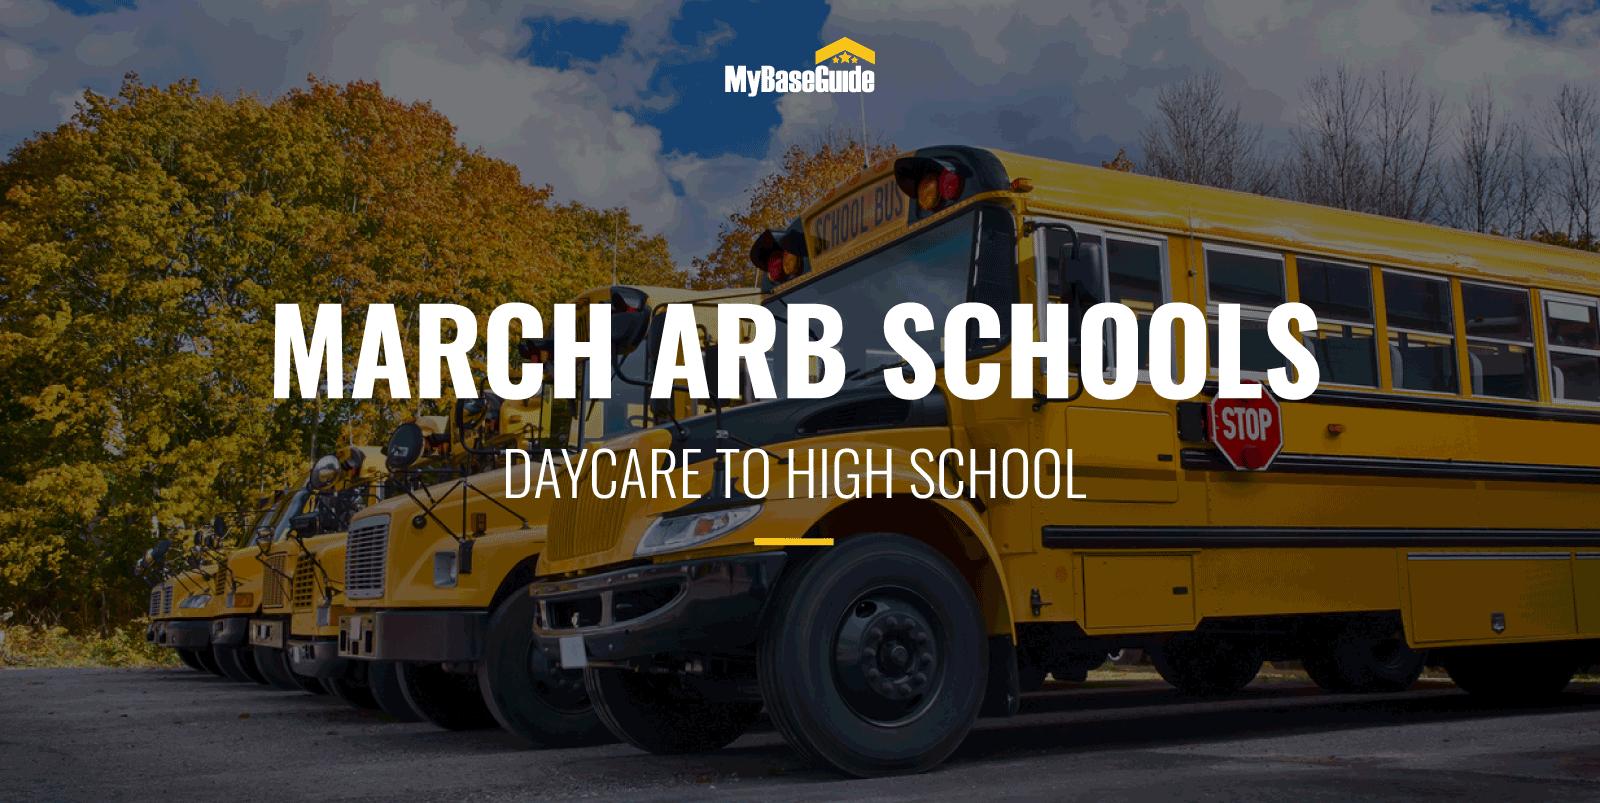 March ARB Schools: Daycare - High School